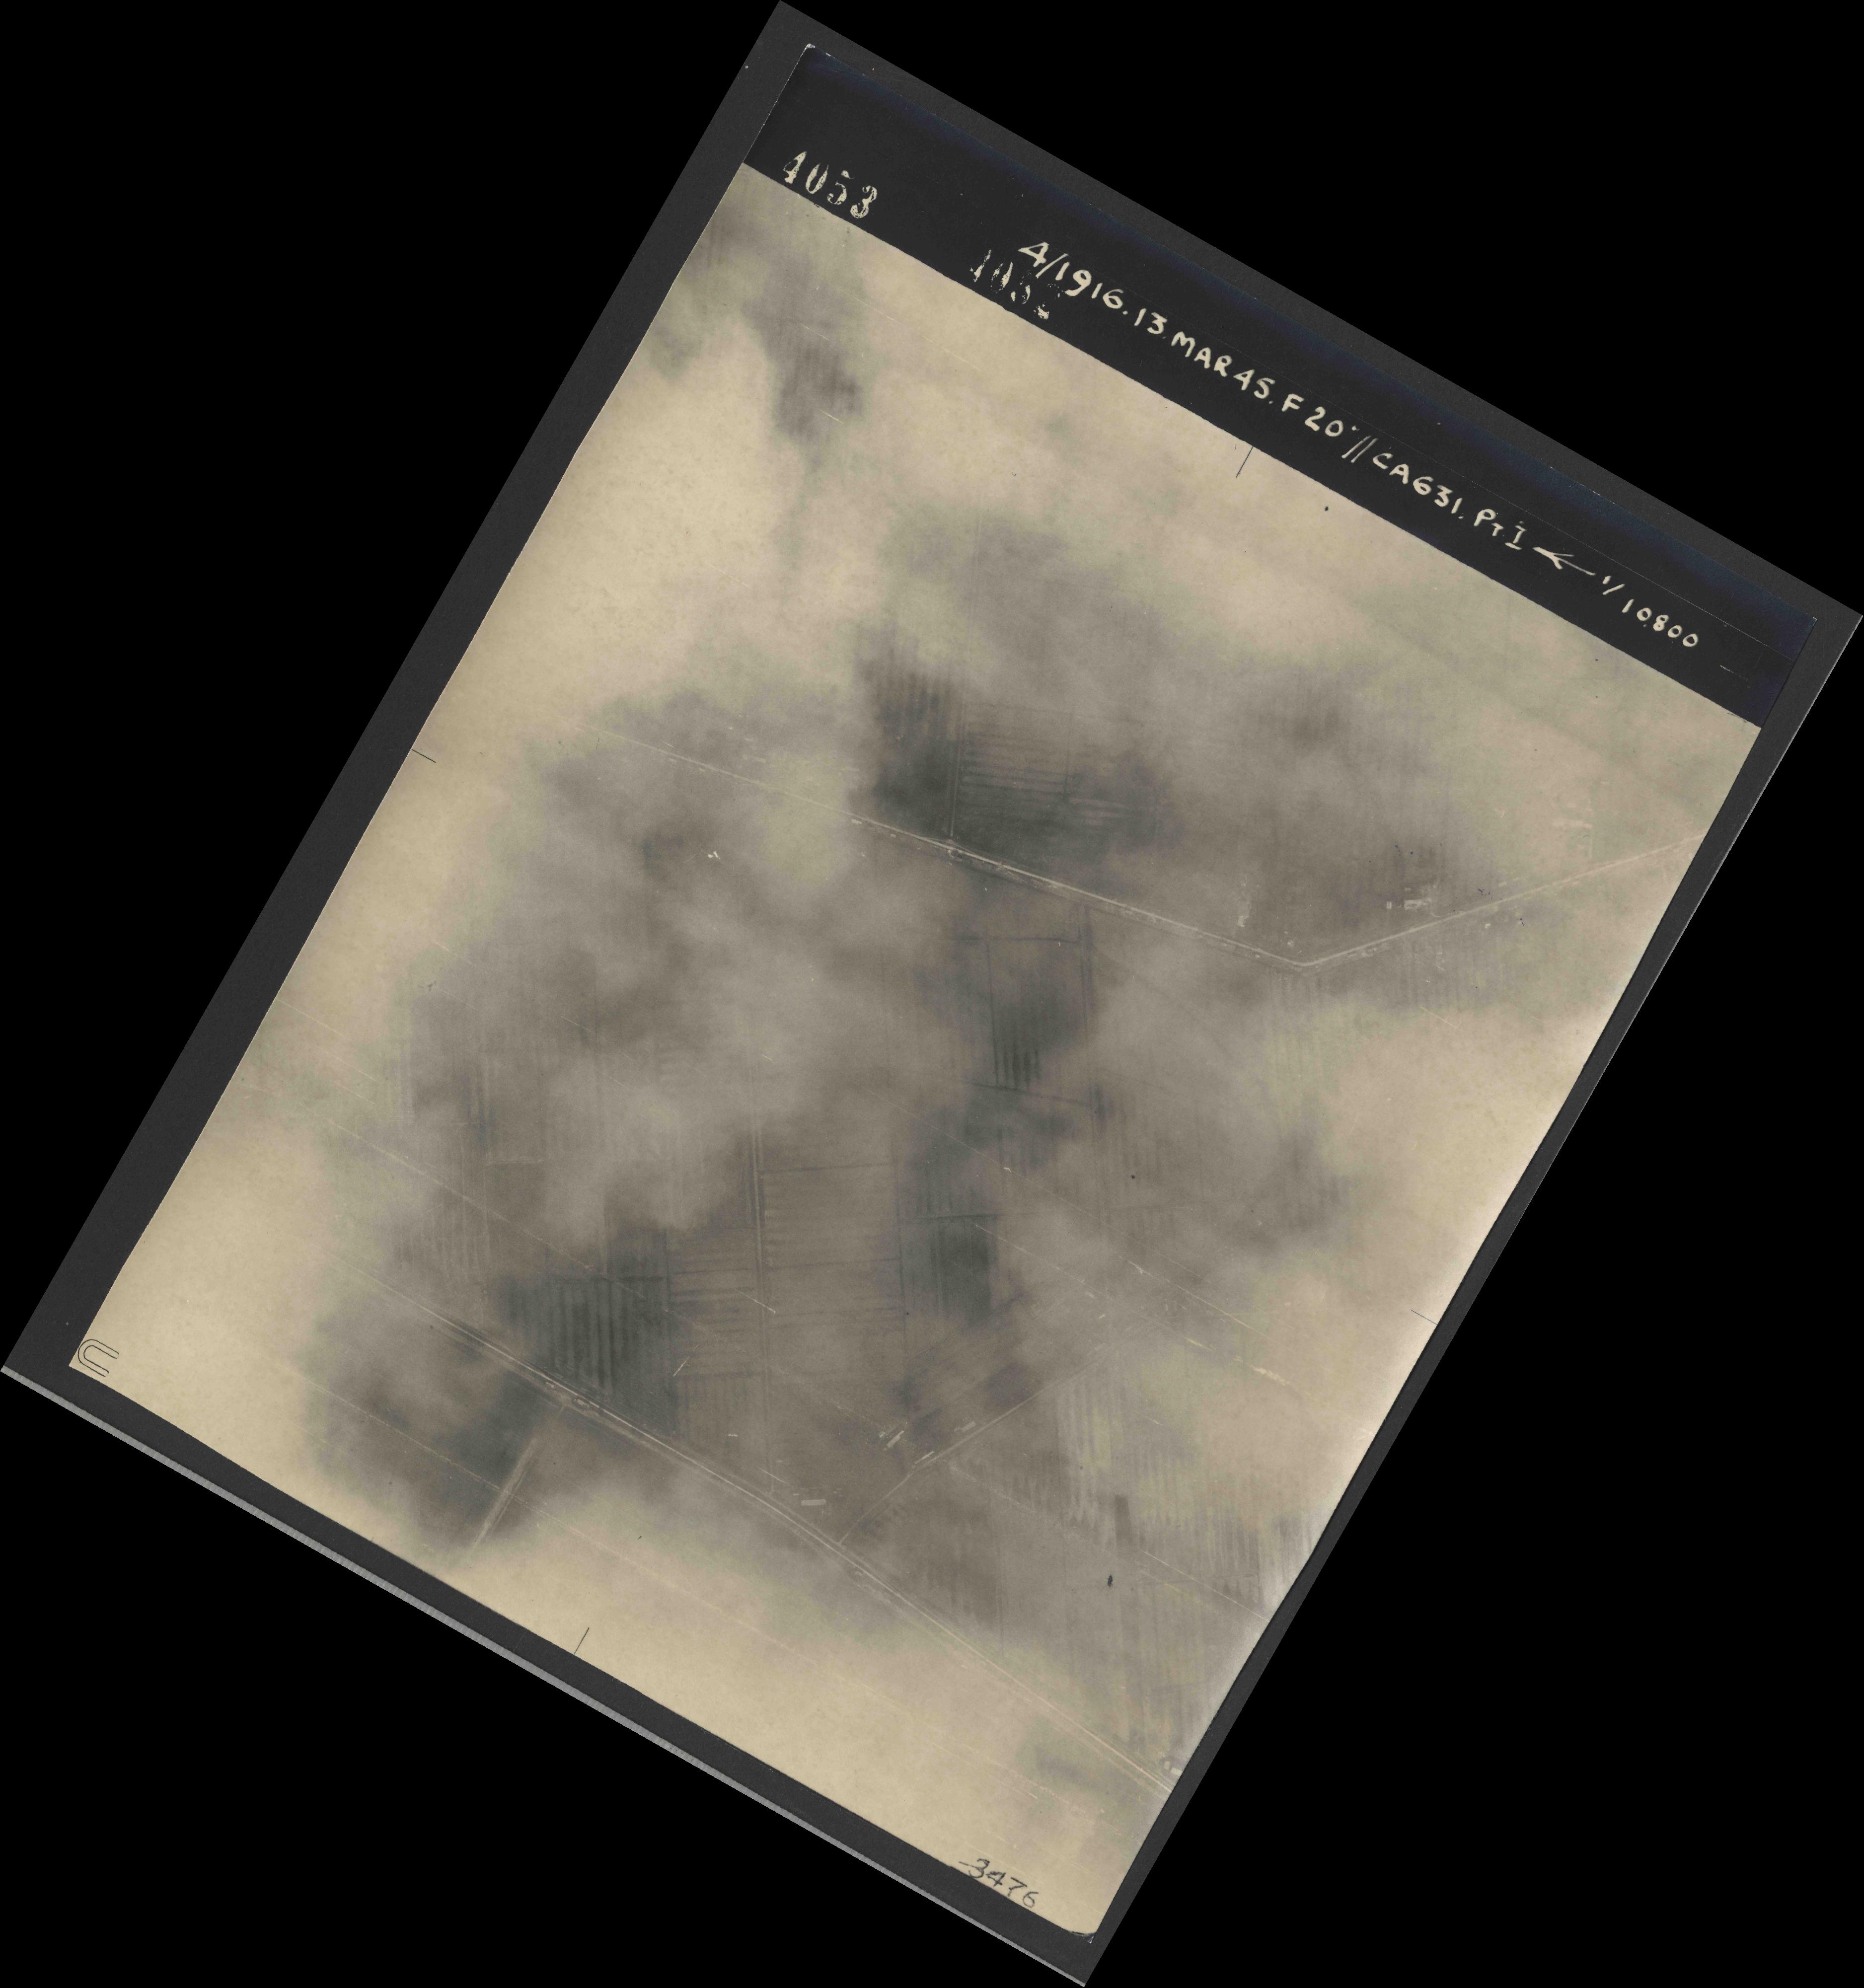 Collection RAF aerial photos 1940-1945 - flight 085, run 02, photo 4053